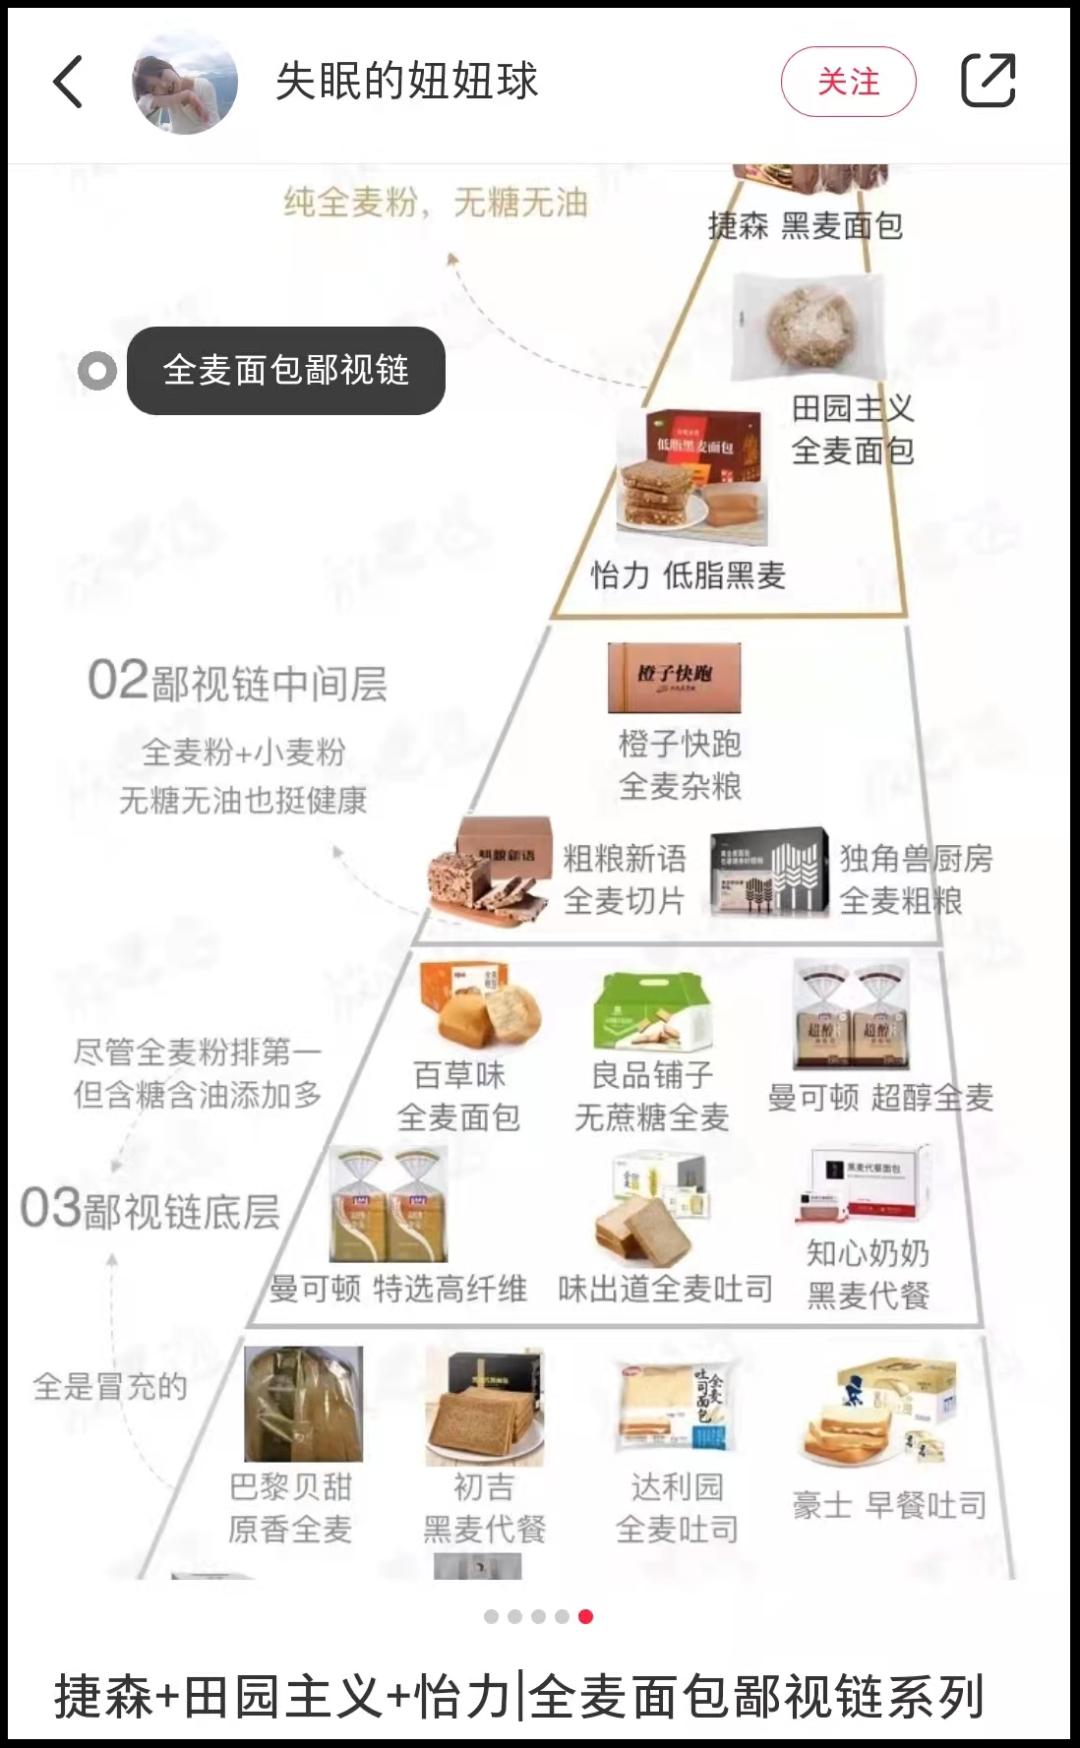 年轻一代捧红2400亿烘焙市场,全麦面包凭什么脱颖而出